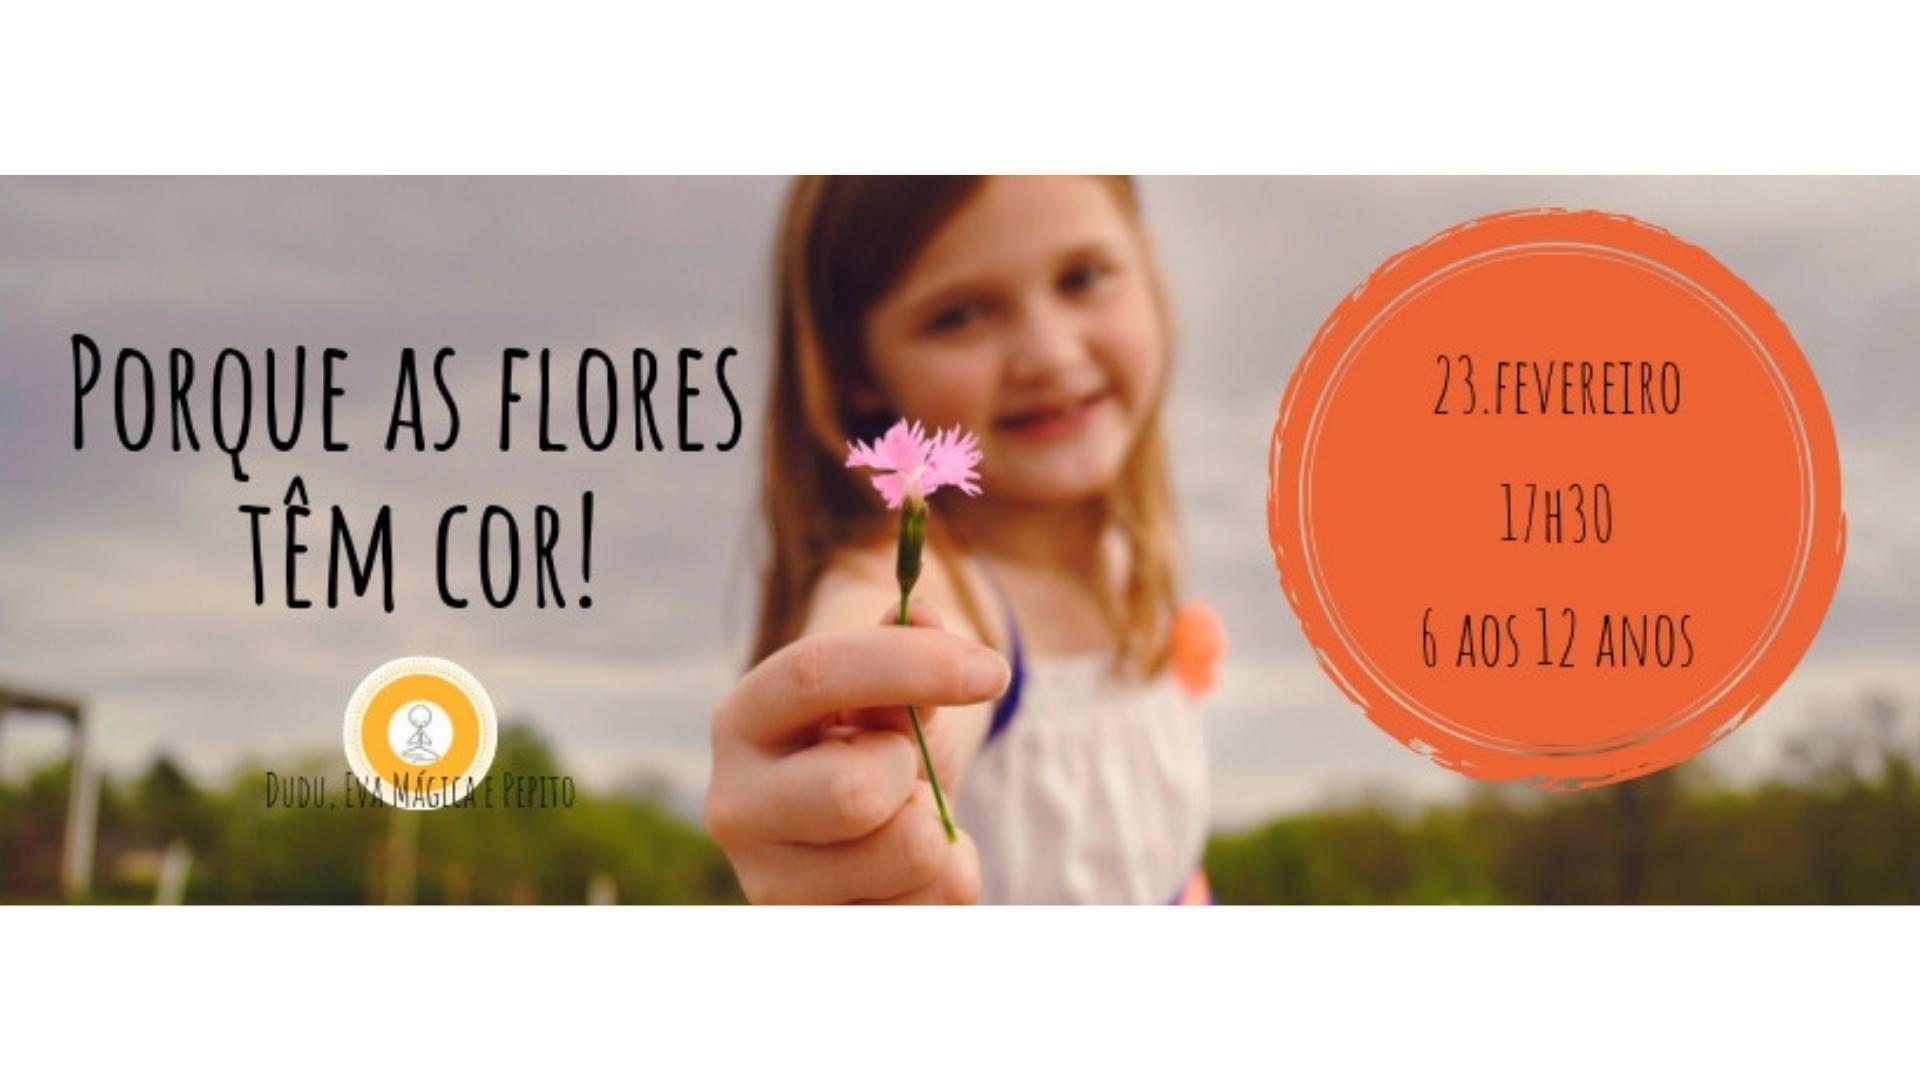 Porque as flores têm cor